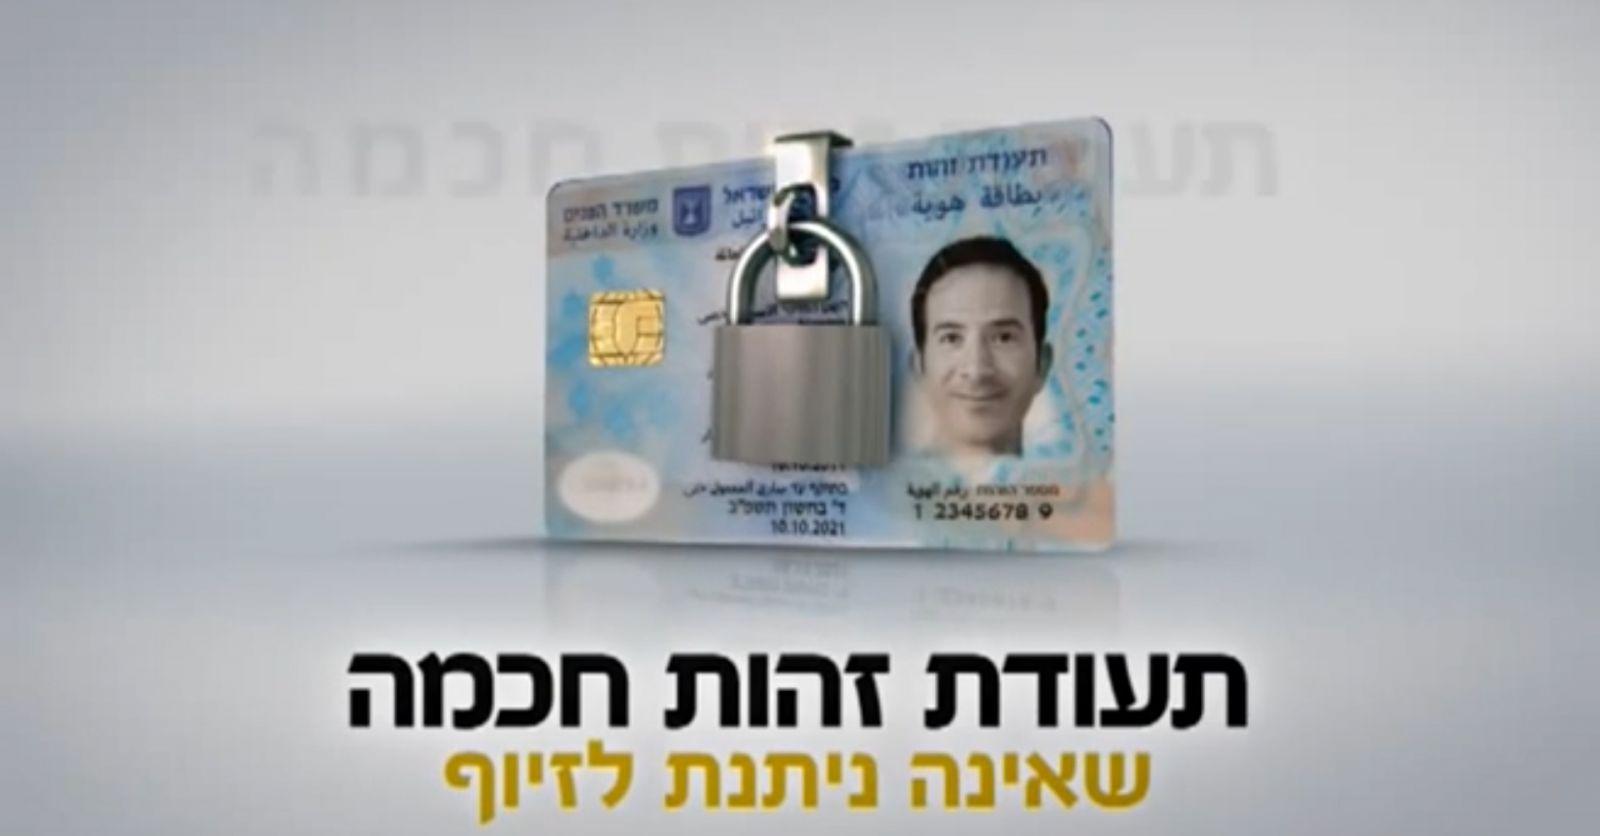 מתוך תשדיר פרסומת לתעודת זהות ביומטרית (צילום מסך)